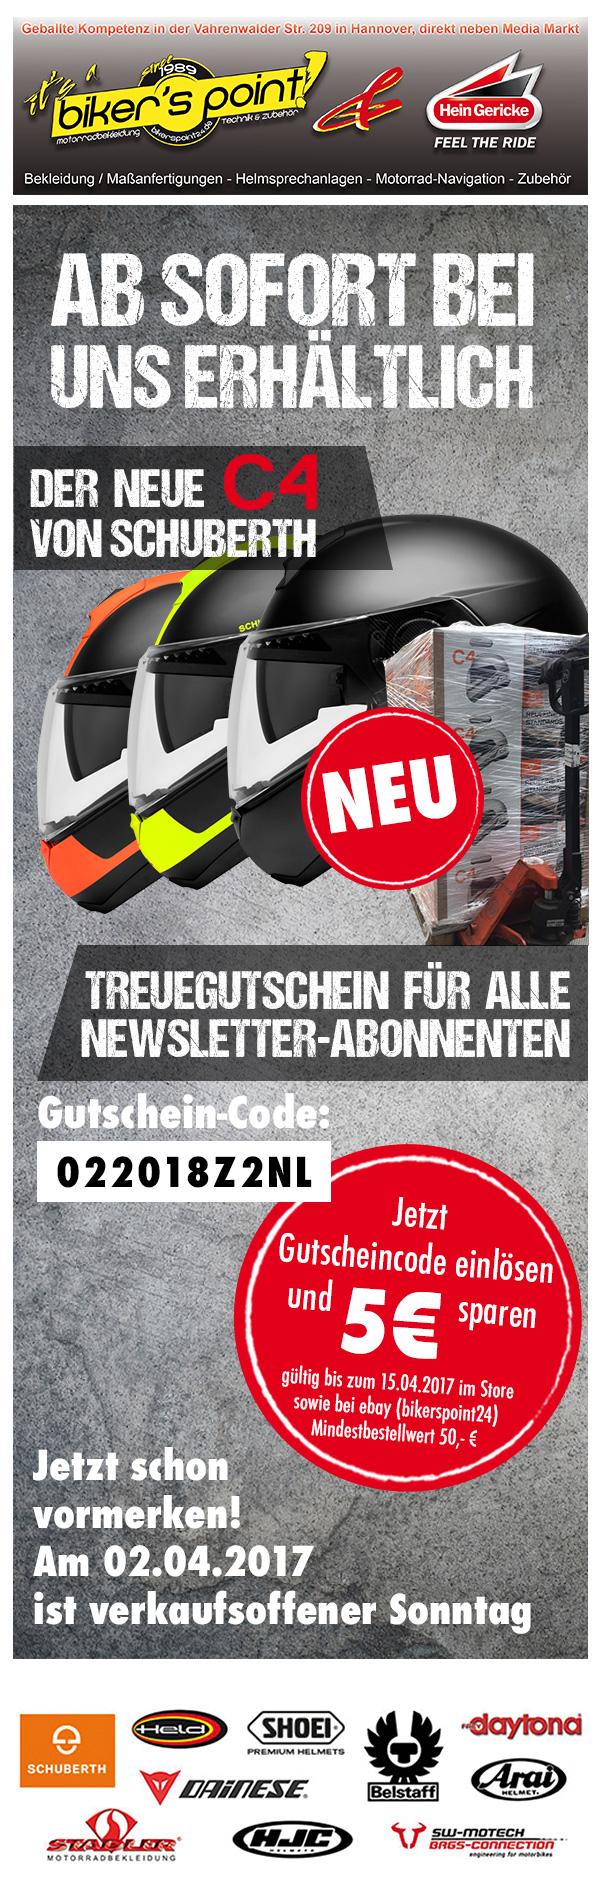 Ab sofort bei uns erhätlich - der neue C4 von Schuberth :: Treuegutschein für alle Newsletter-Abonnenten